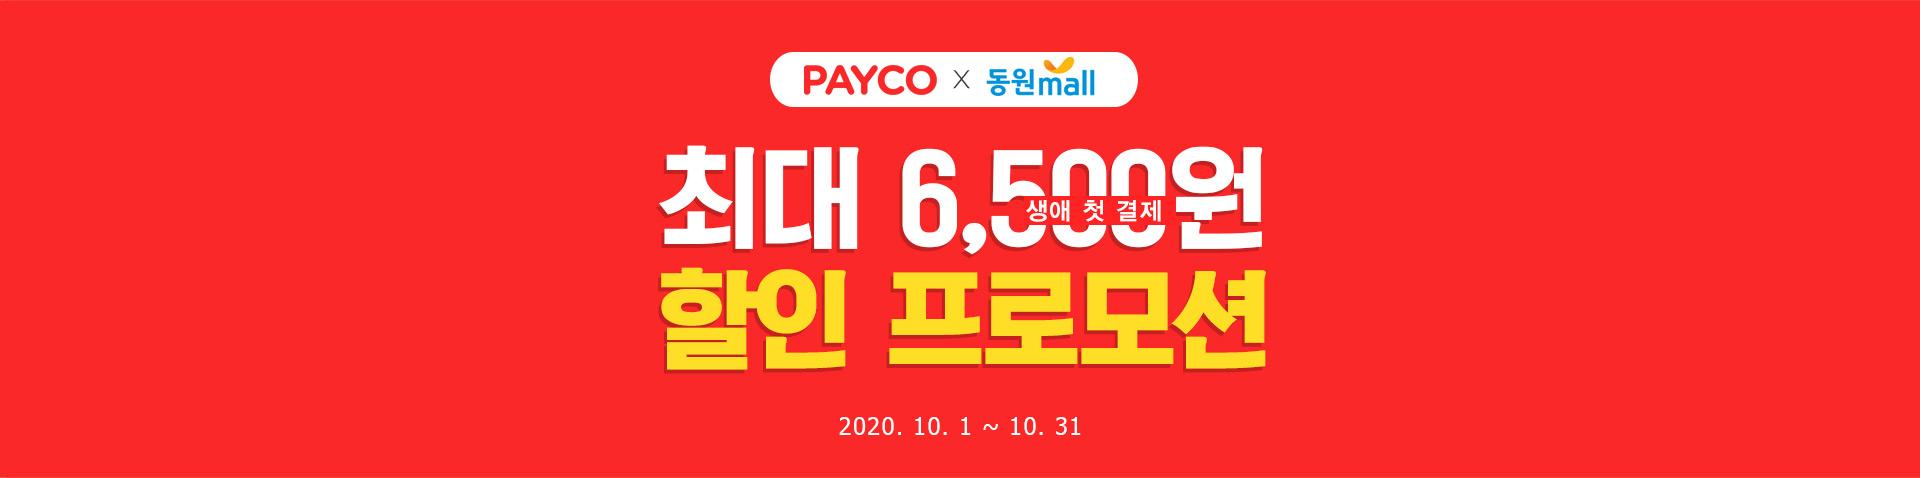 페이코 동원몰 생애 첫 결제 최대 6,500원 할인 프로모션